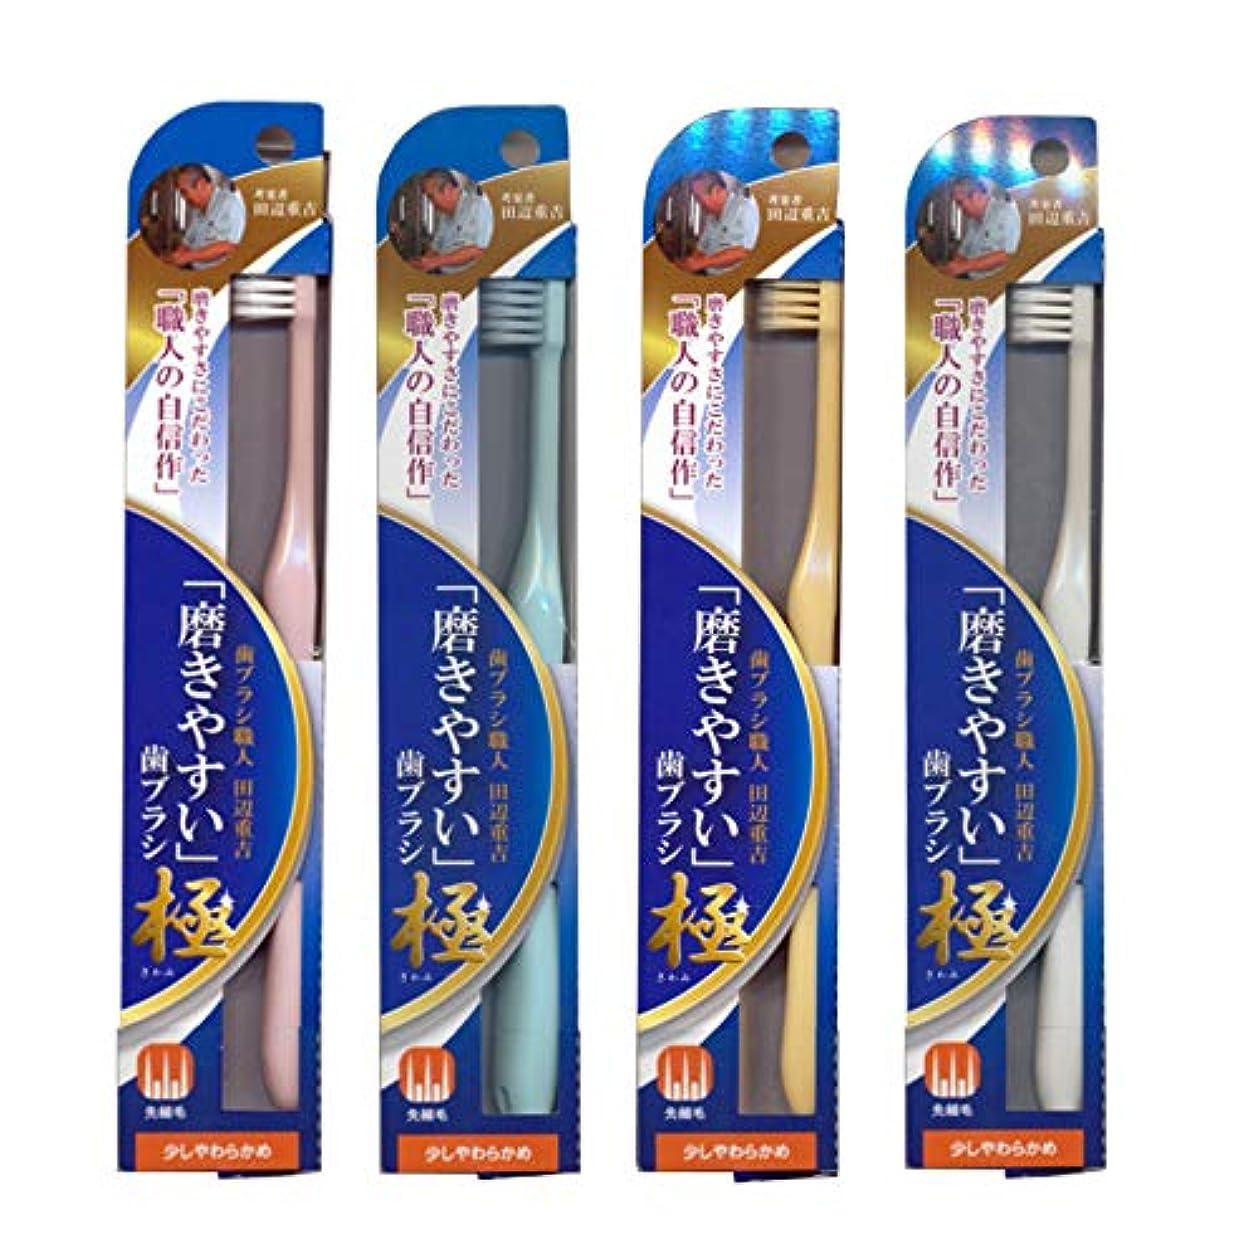 ブロッサムサーバ免疫磨きやすい歯ブラシ極 (少し柔らかめ) LT-43×4本セット(ピンク×1、ブルー×1、ホワイト×1、イエロー×1) 先細毛